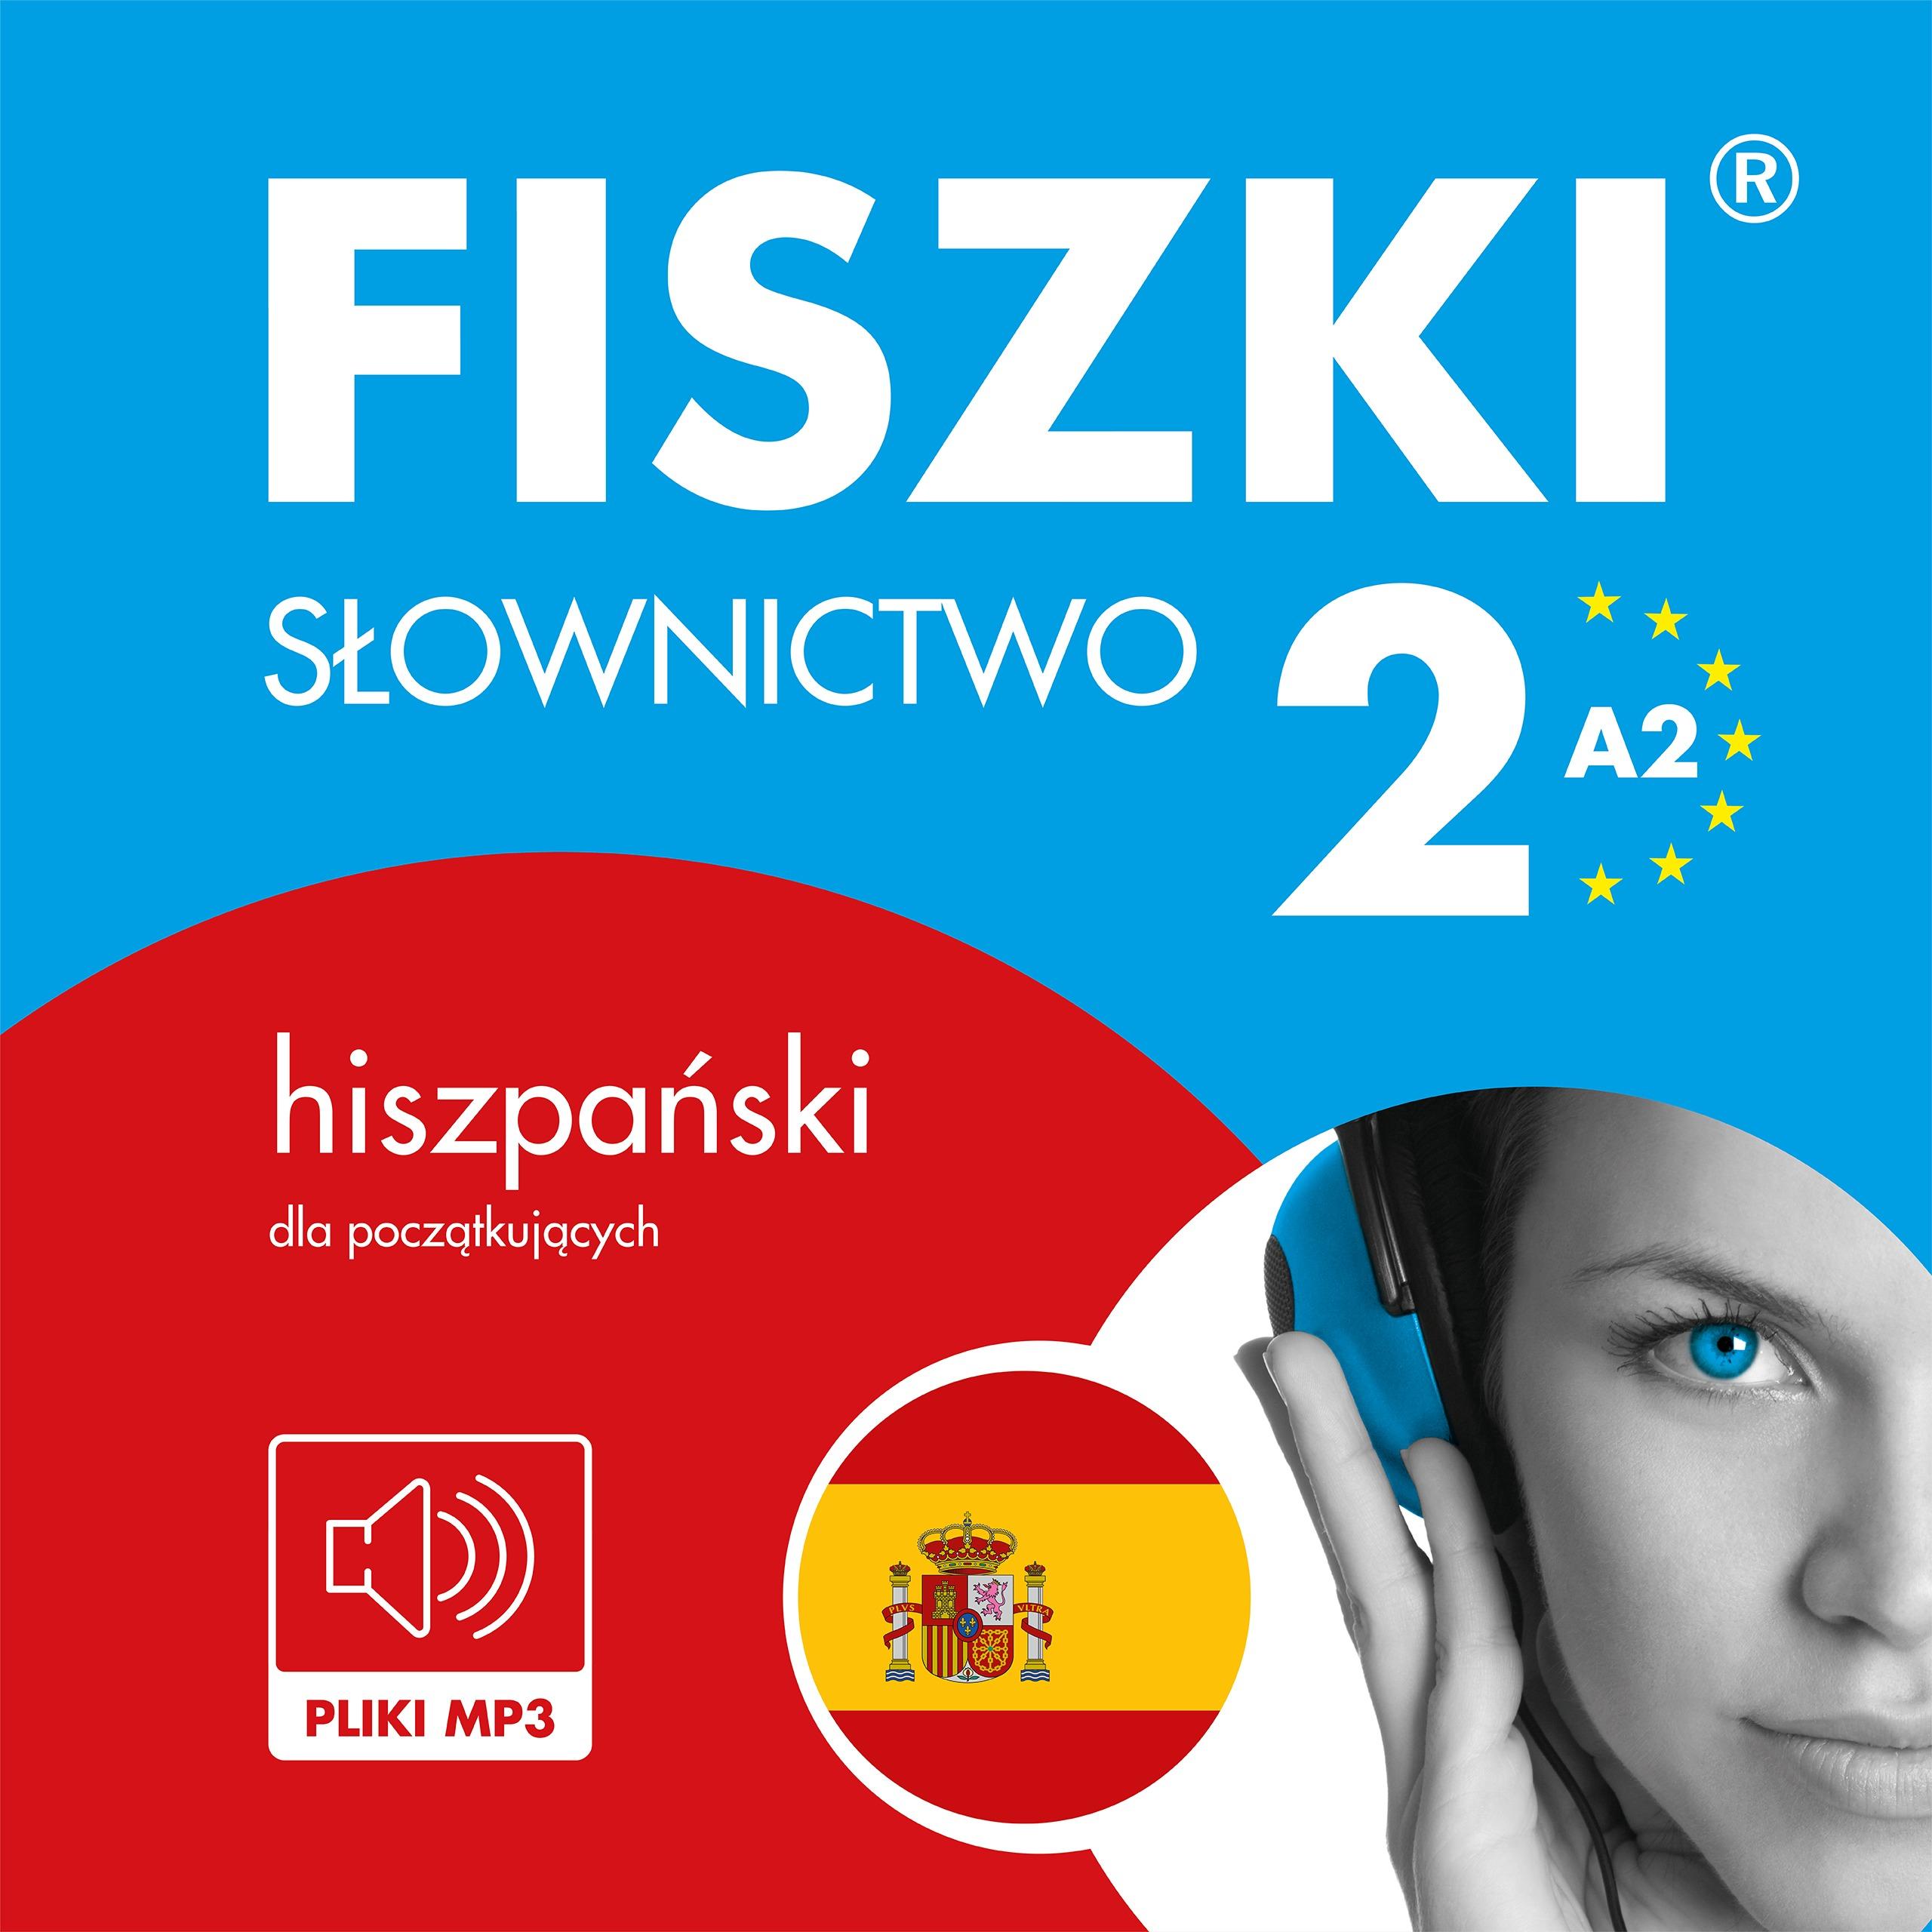 AUDIOBOOK - hiszpański - Słownictwo 2 (A2)